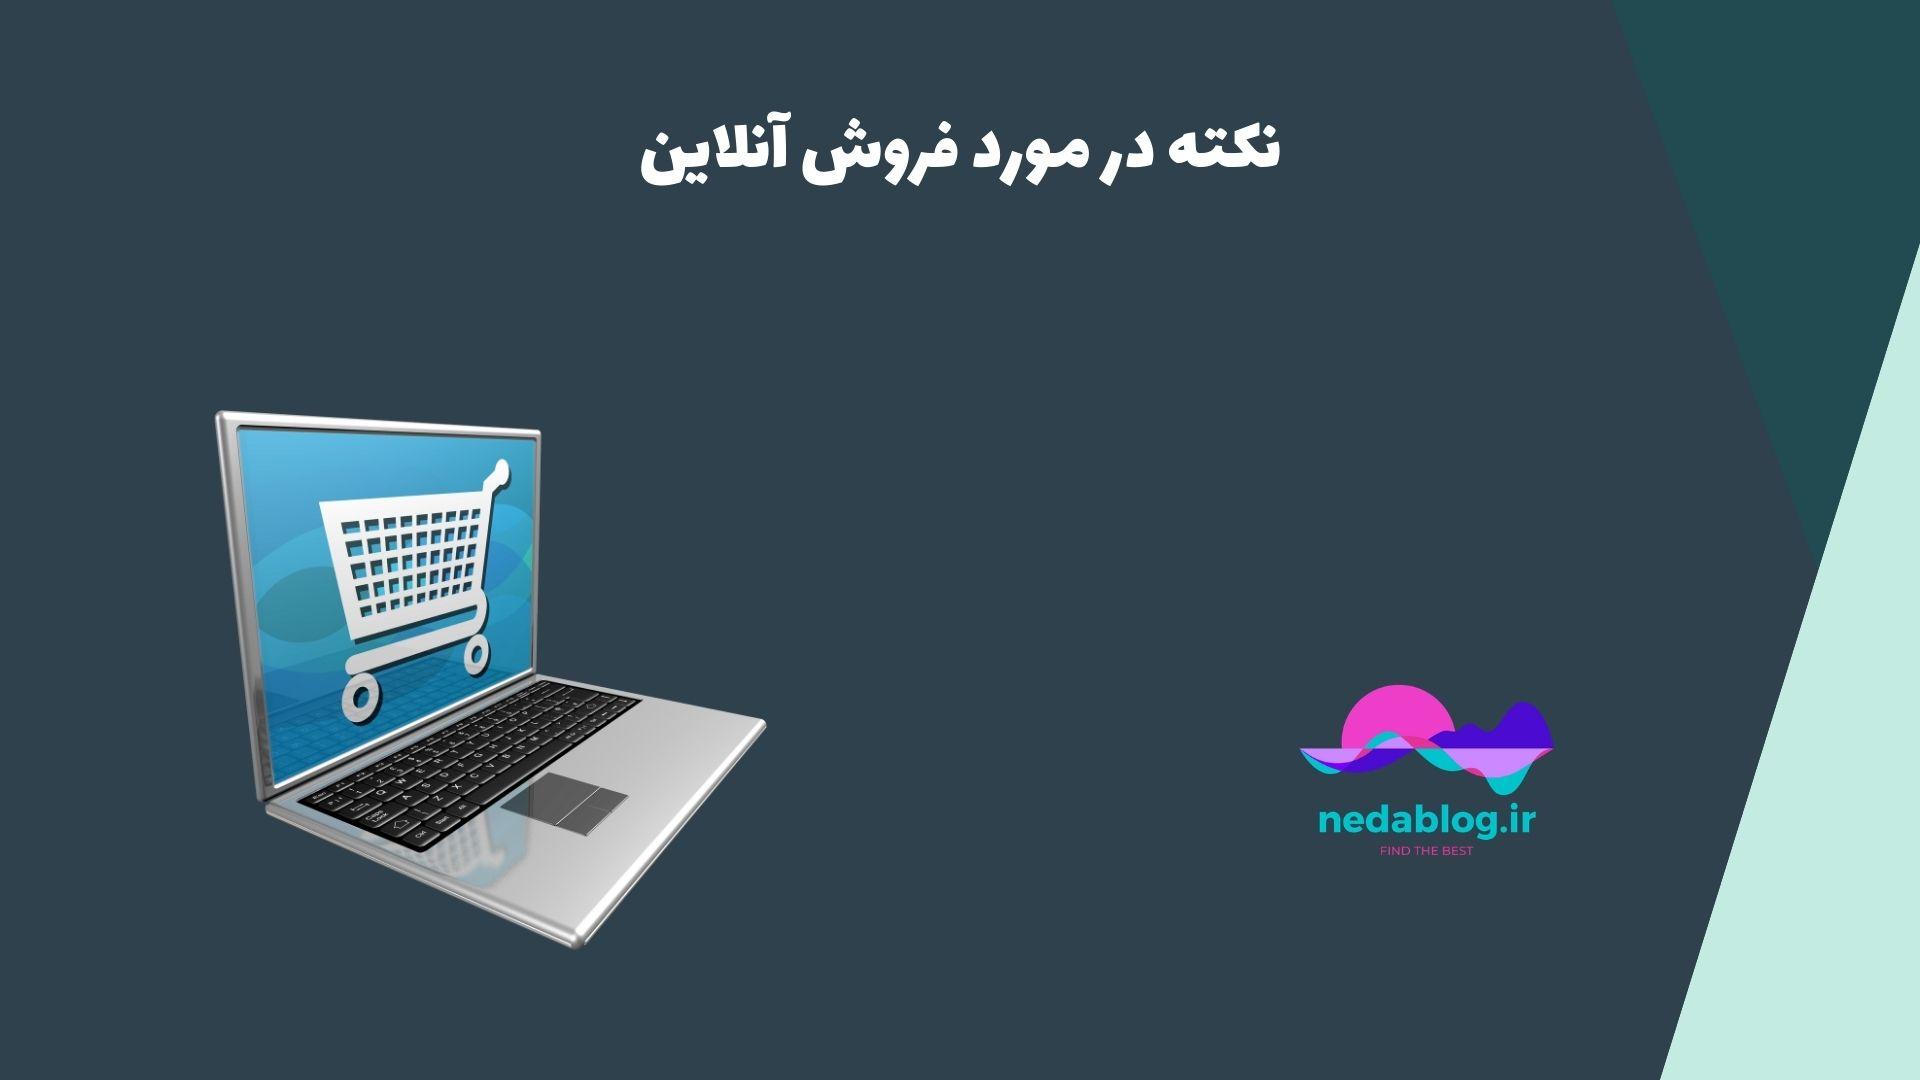 نکته در مورد فروش آنلاین